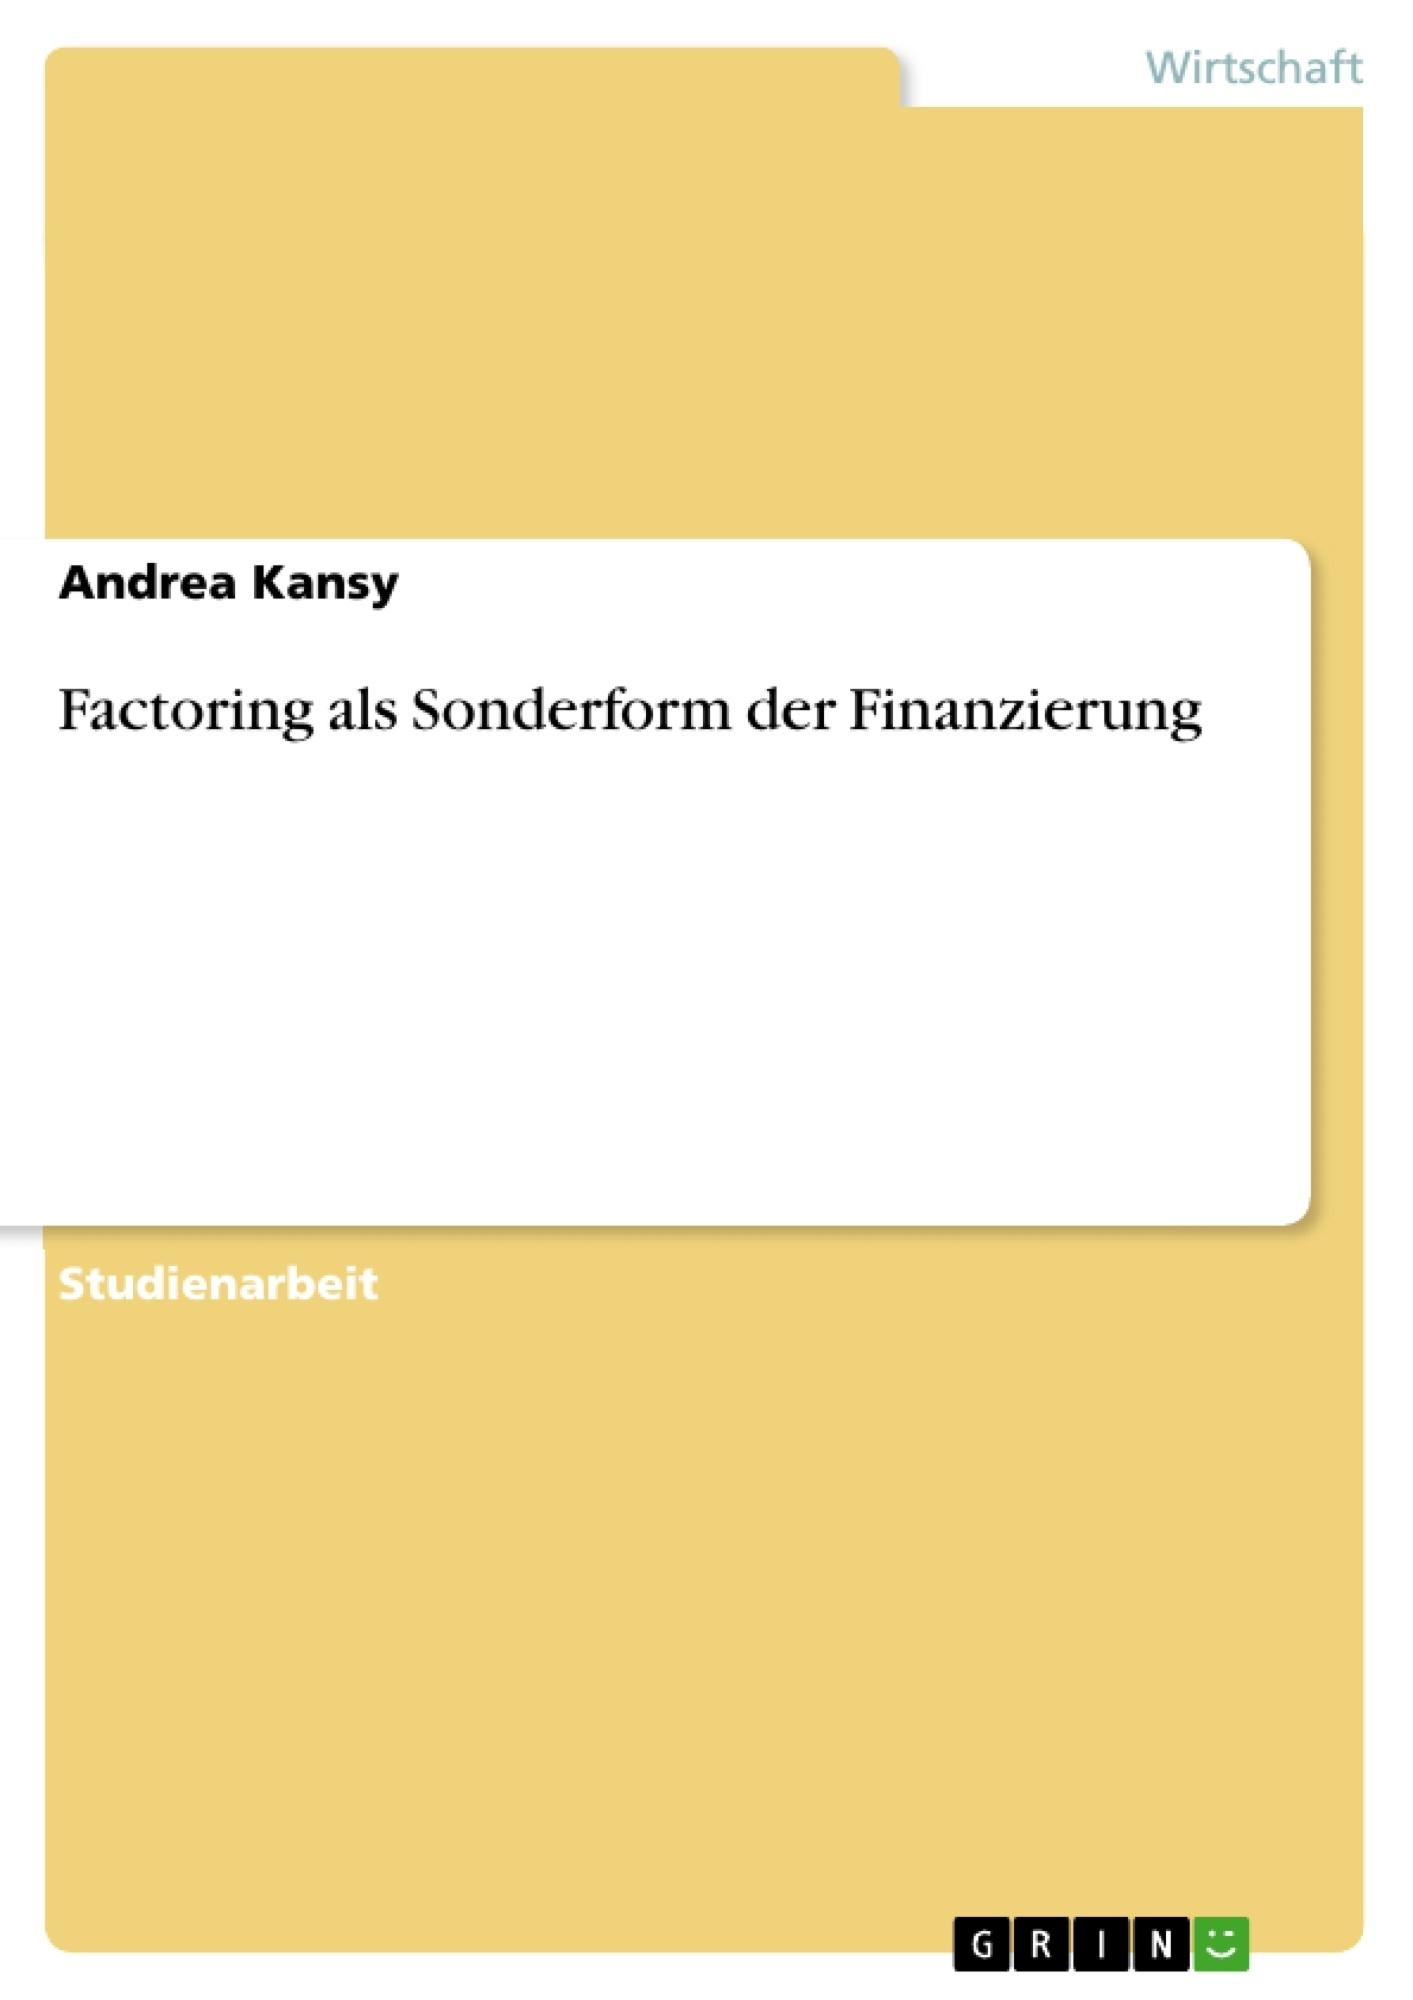 Titel: Factoring als Sonderform der Finanzierung